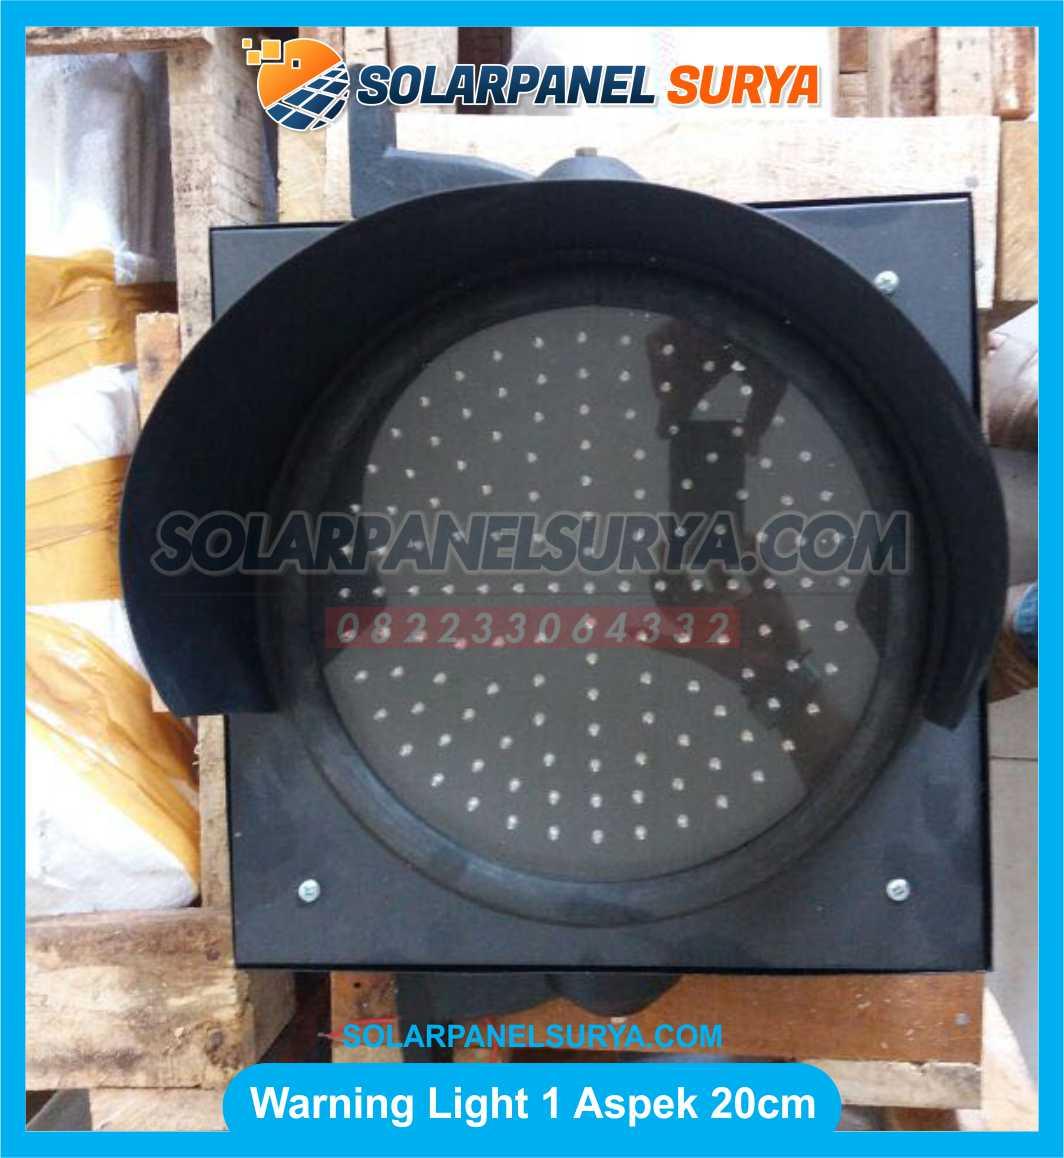 jual Lampu LED Warning Light 1 Aspek 20cm